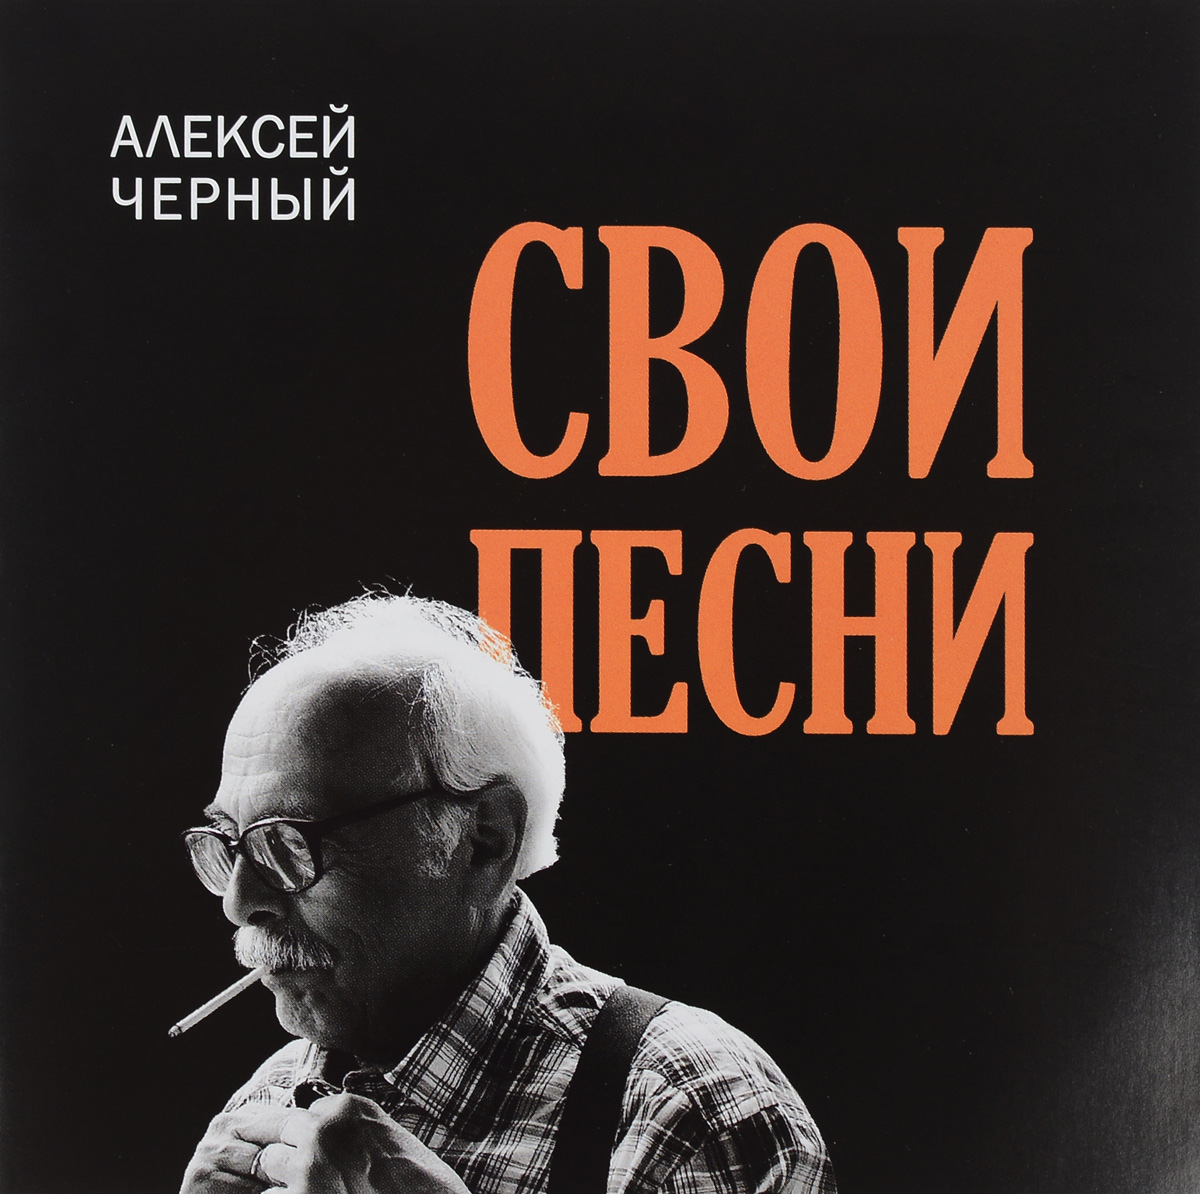 Алексей Черный Алексей Черный. Свои песни алексей петров черный гиппократ